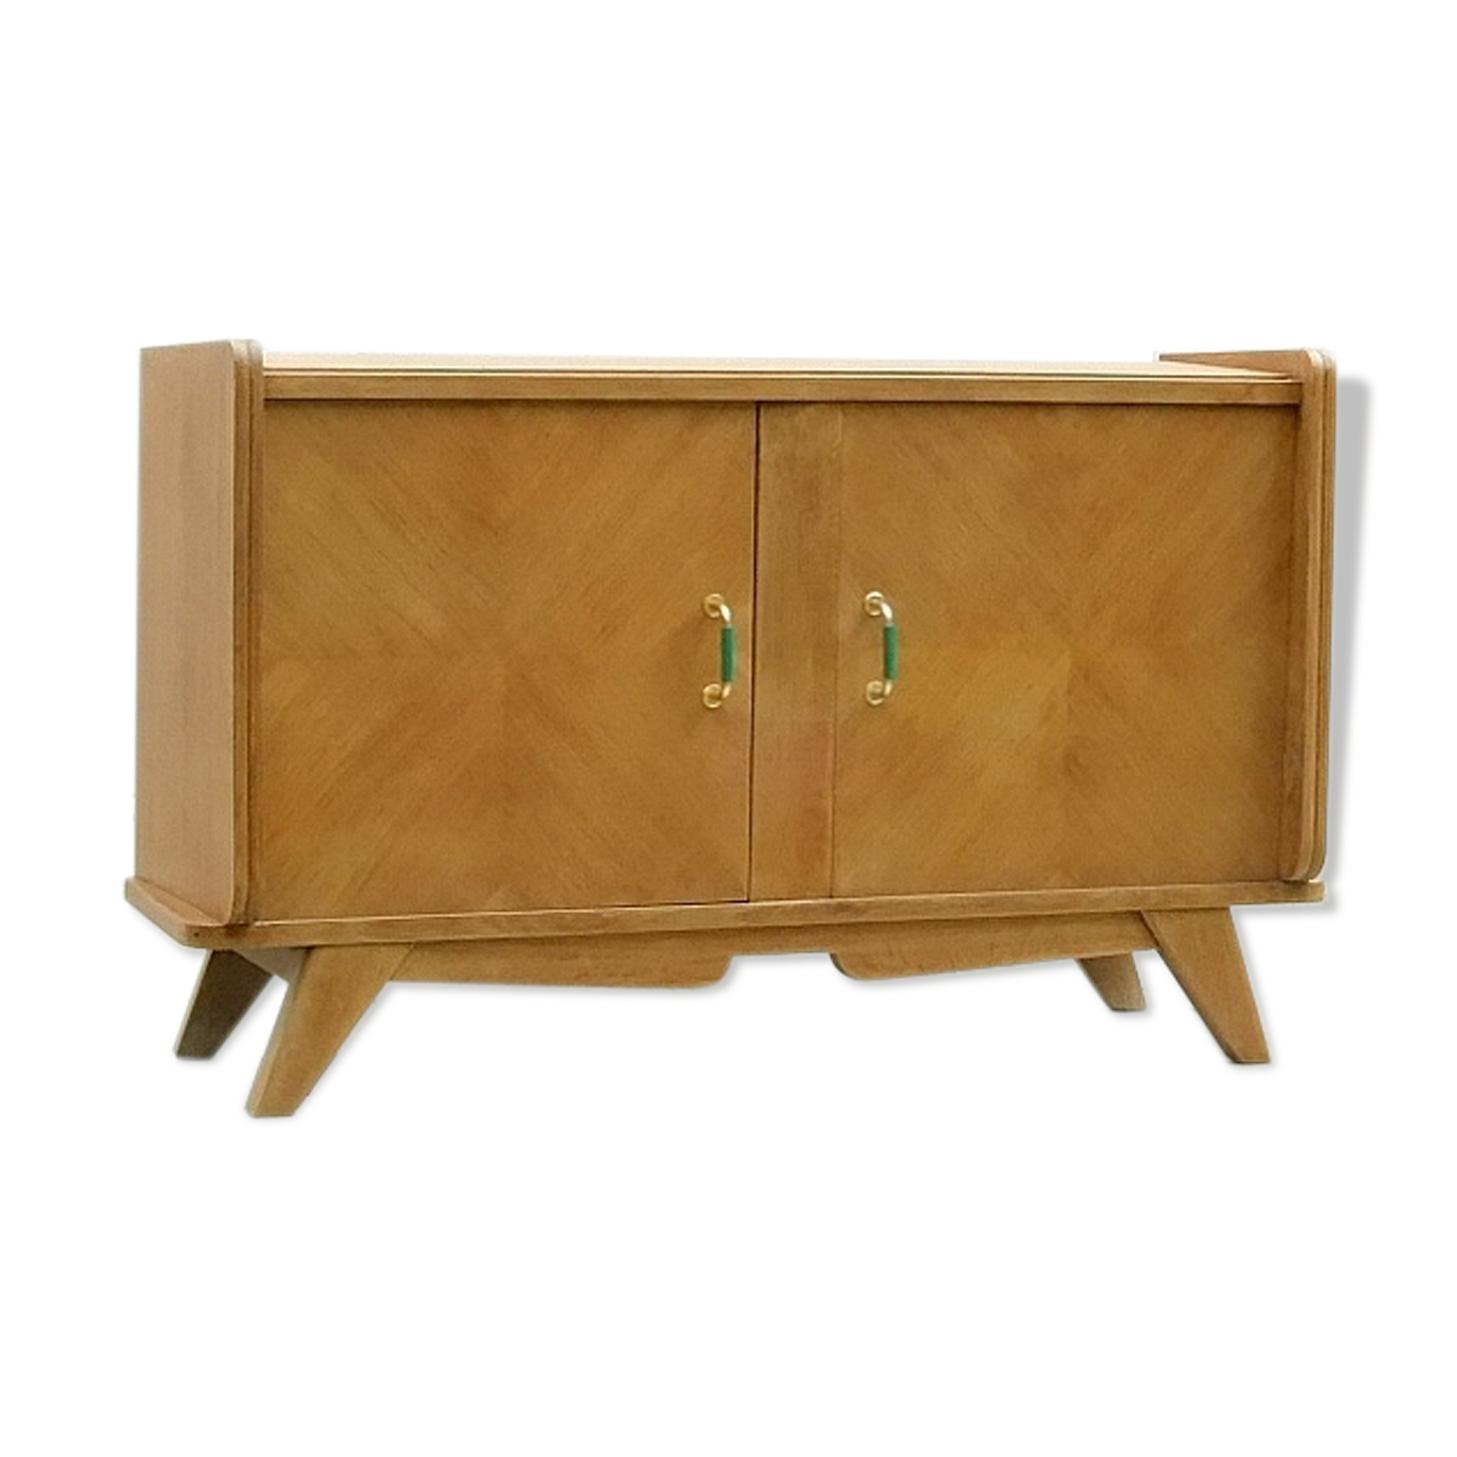 Buffet bas étroit meuble tv vintage bois pieds compas années 1950